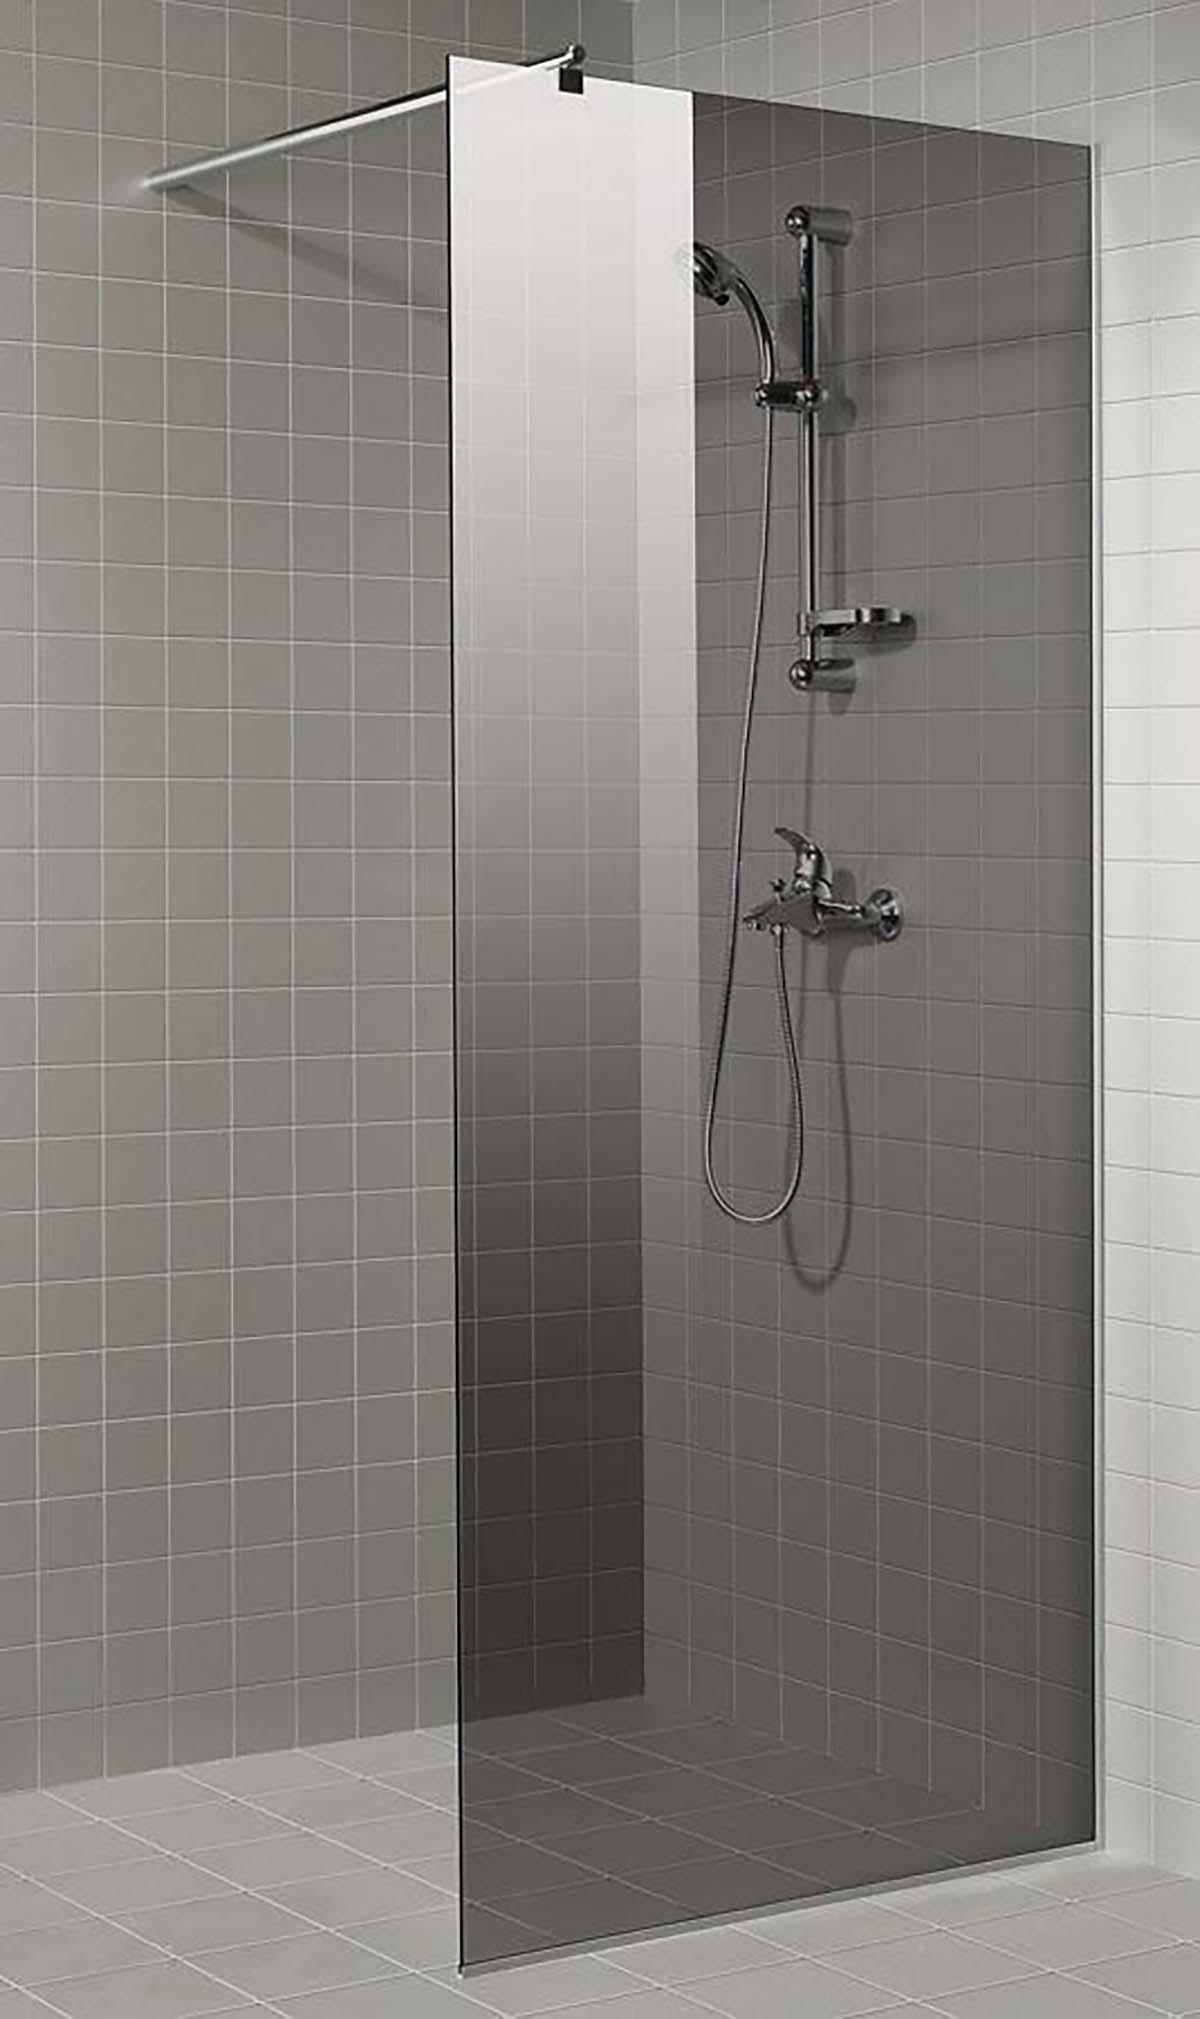 Grå Duschvägg, 80 X 200 Cm, Grå, Shower Wall, Glass Saunainter Com